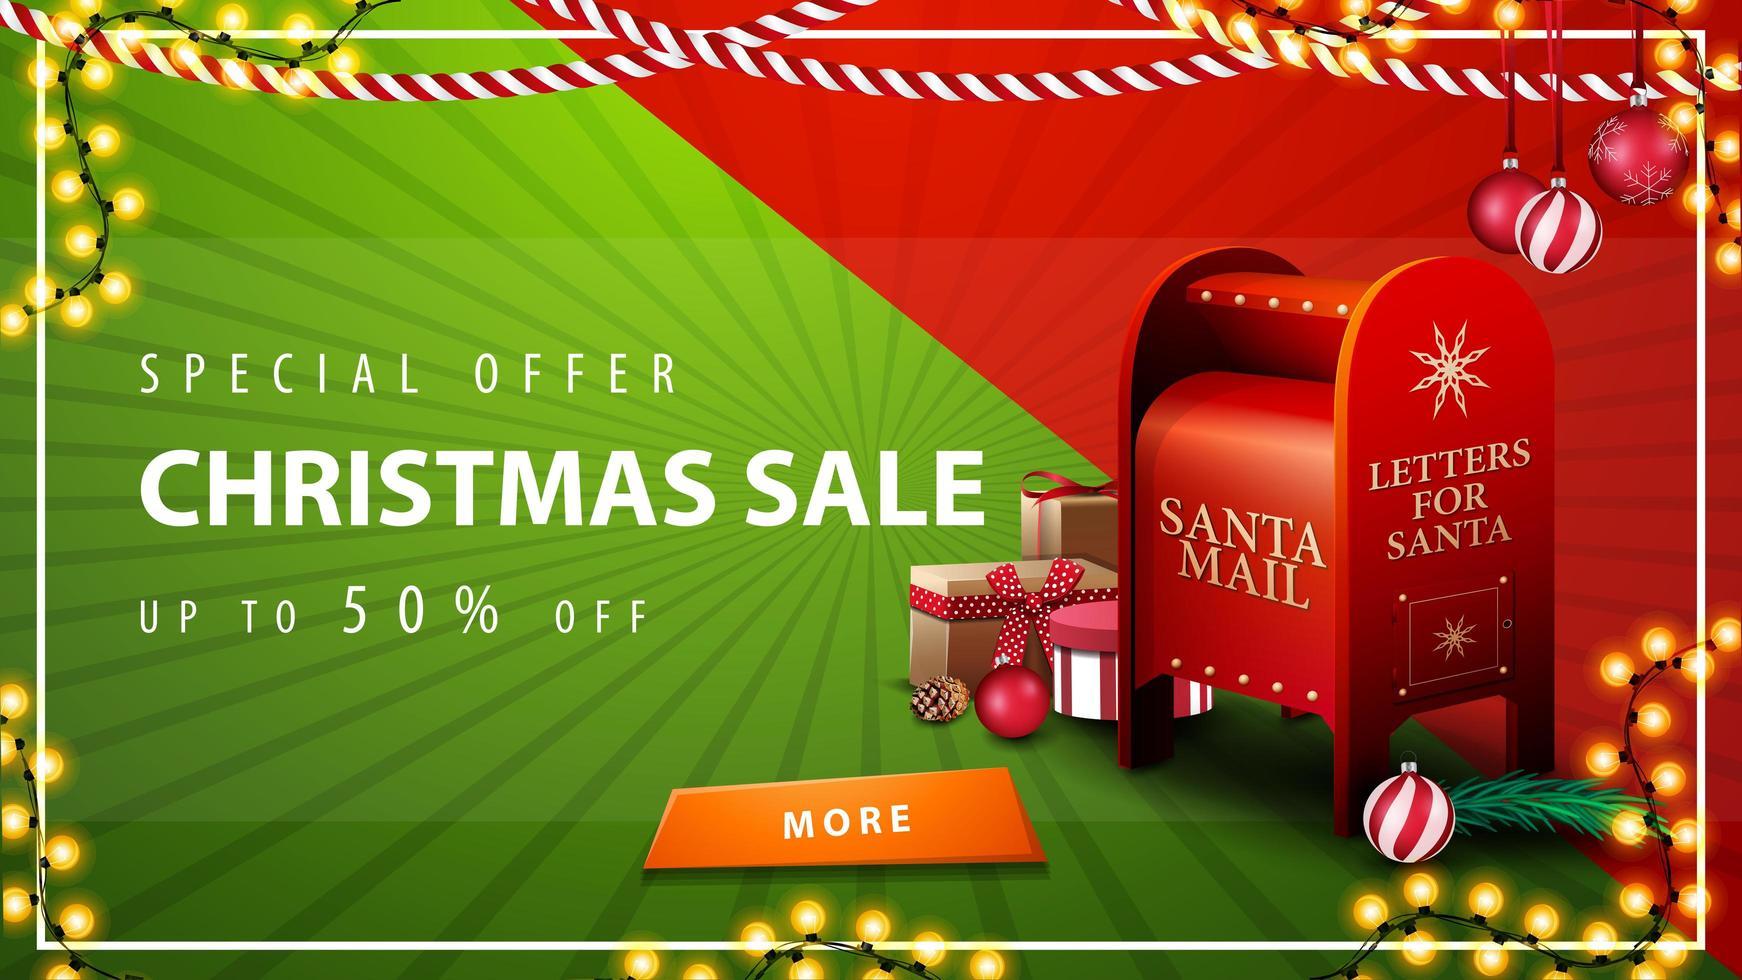 oferta especial, rebajas navideñas, hasta 50 de descuento, hermoso banner de descuento rojo y verde con guirnaldas, botón y buzón de santa con regalos vector